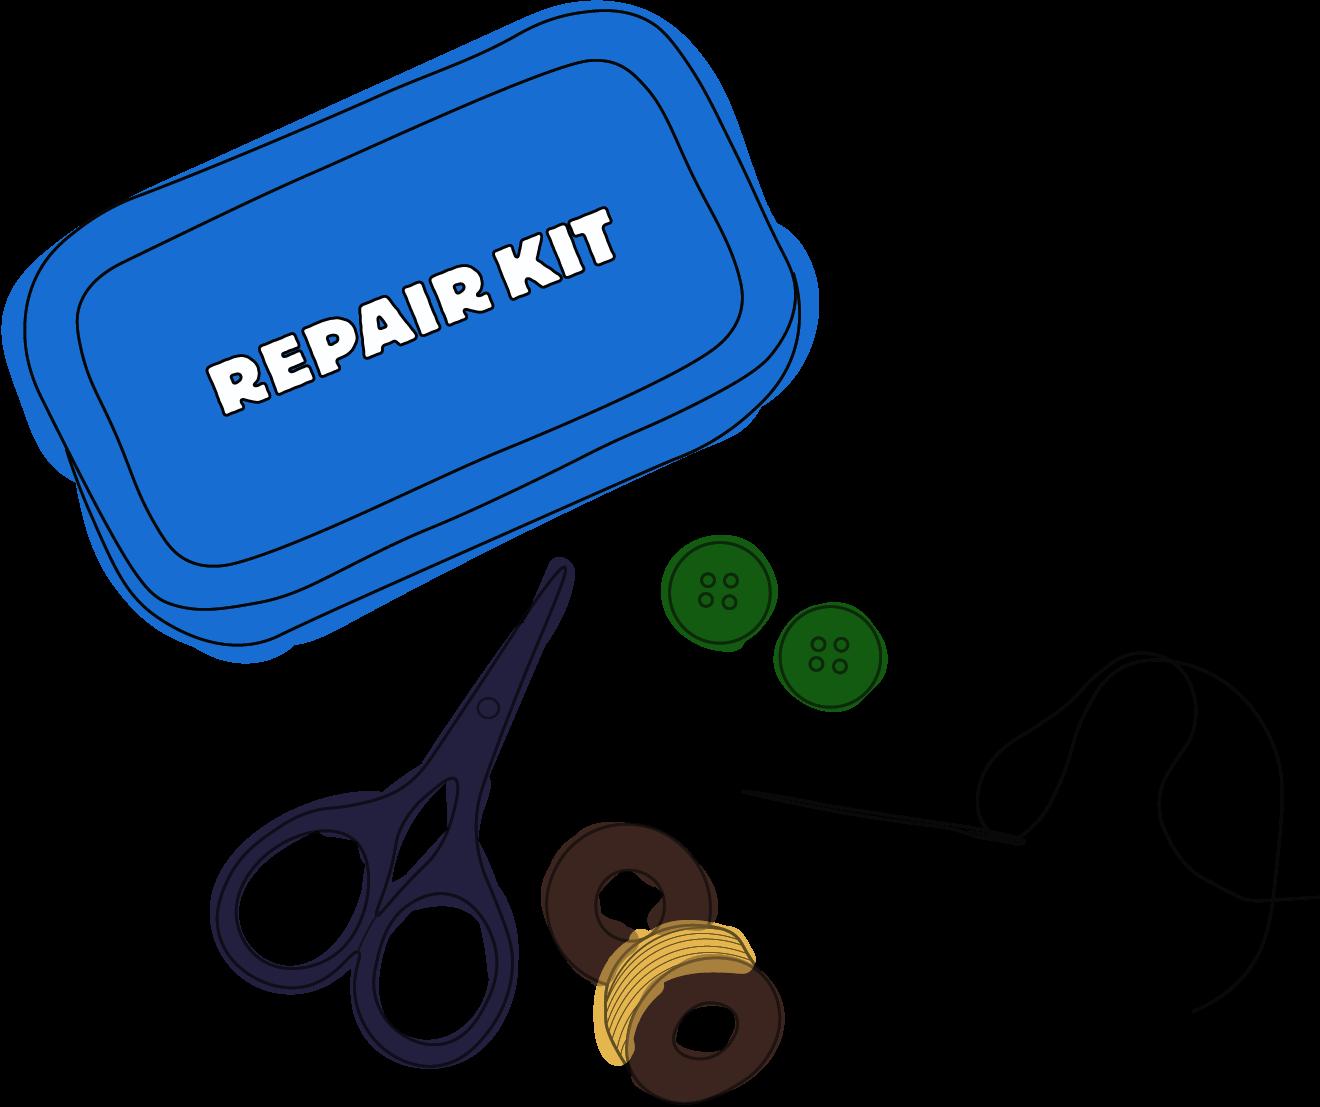 repair kit illustration